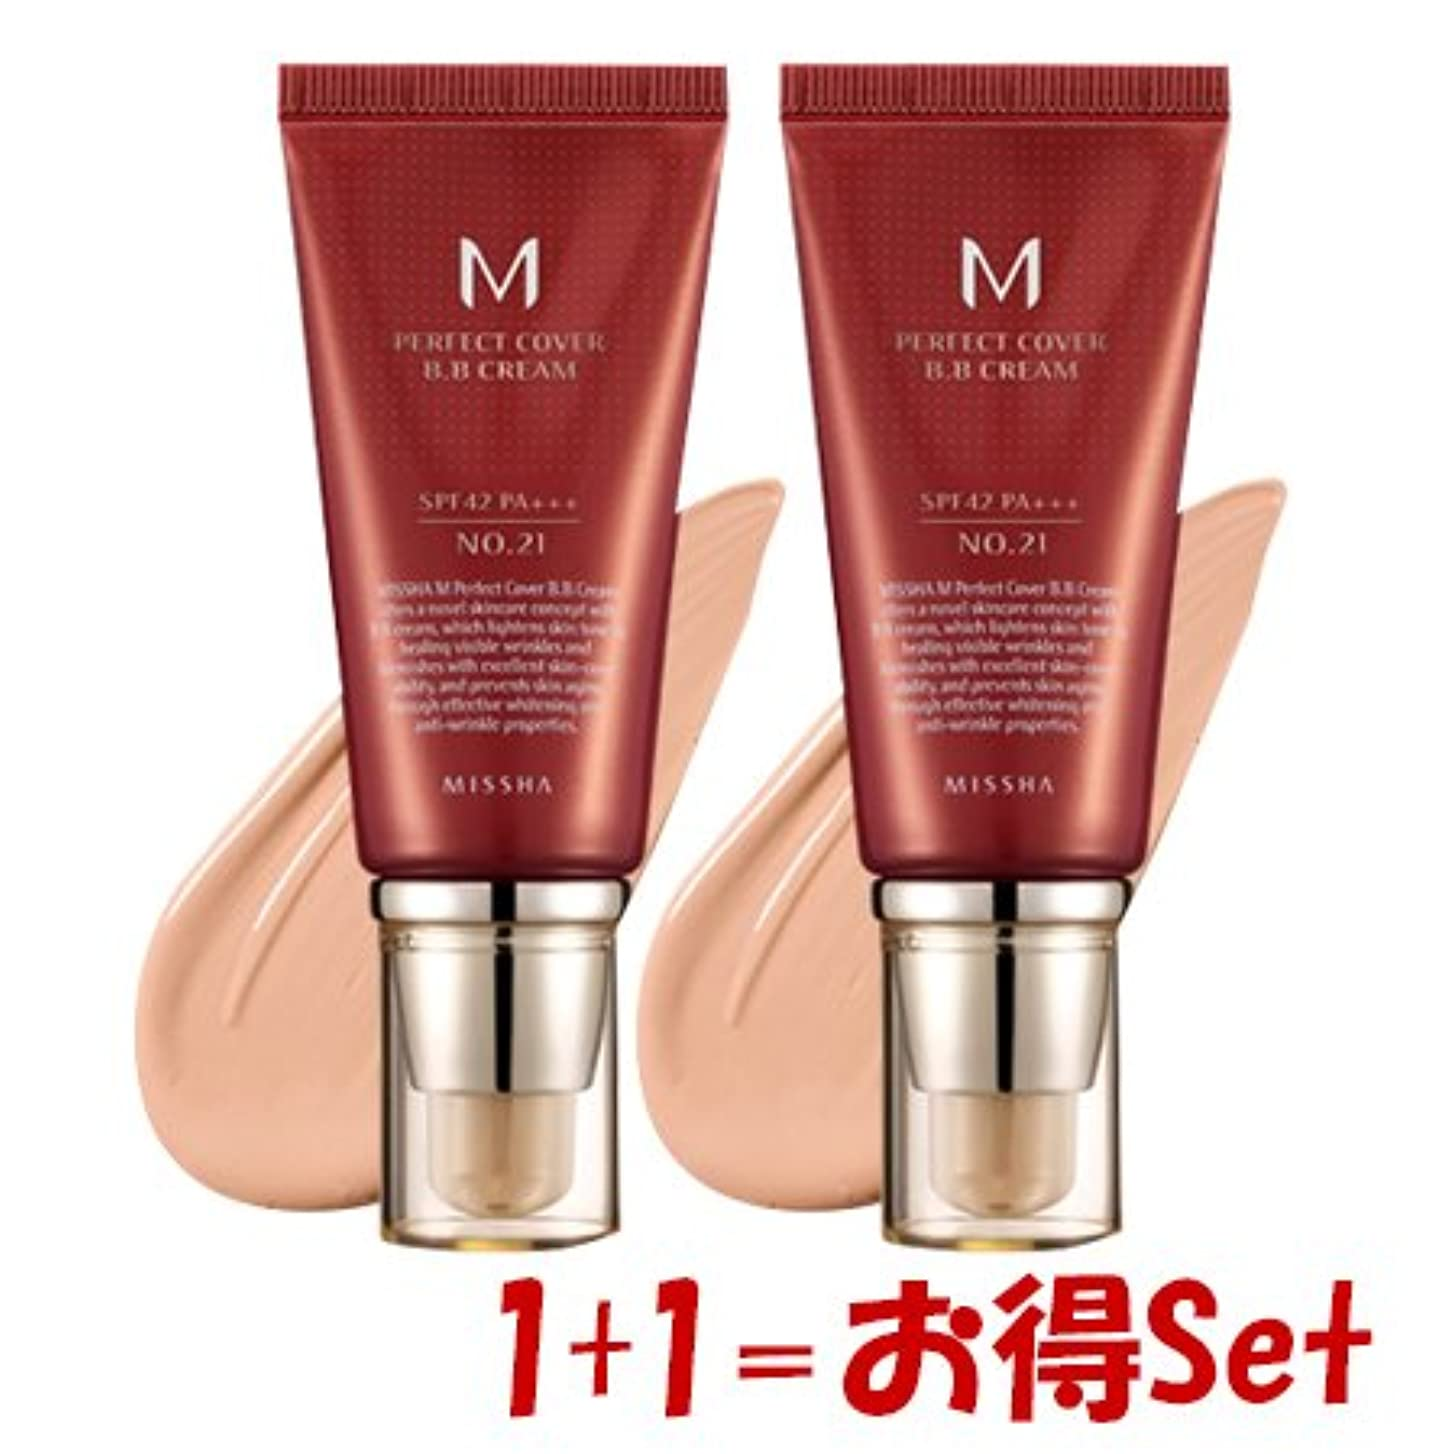 お茶暗殺する悲劇MISSHA(ミシャ) M Perfect Cover パーフェクトカバーBBクリーム 21号+ 21号(1+1=Set) [並行輸入品]